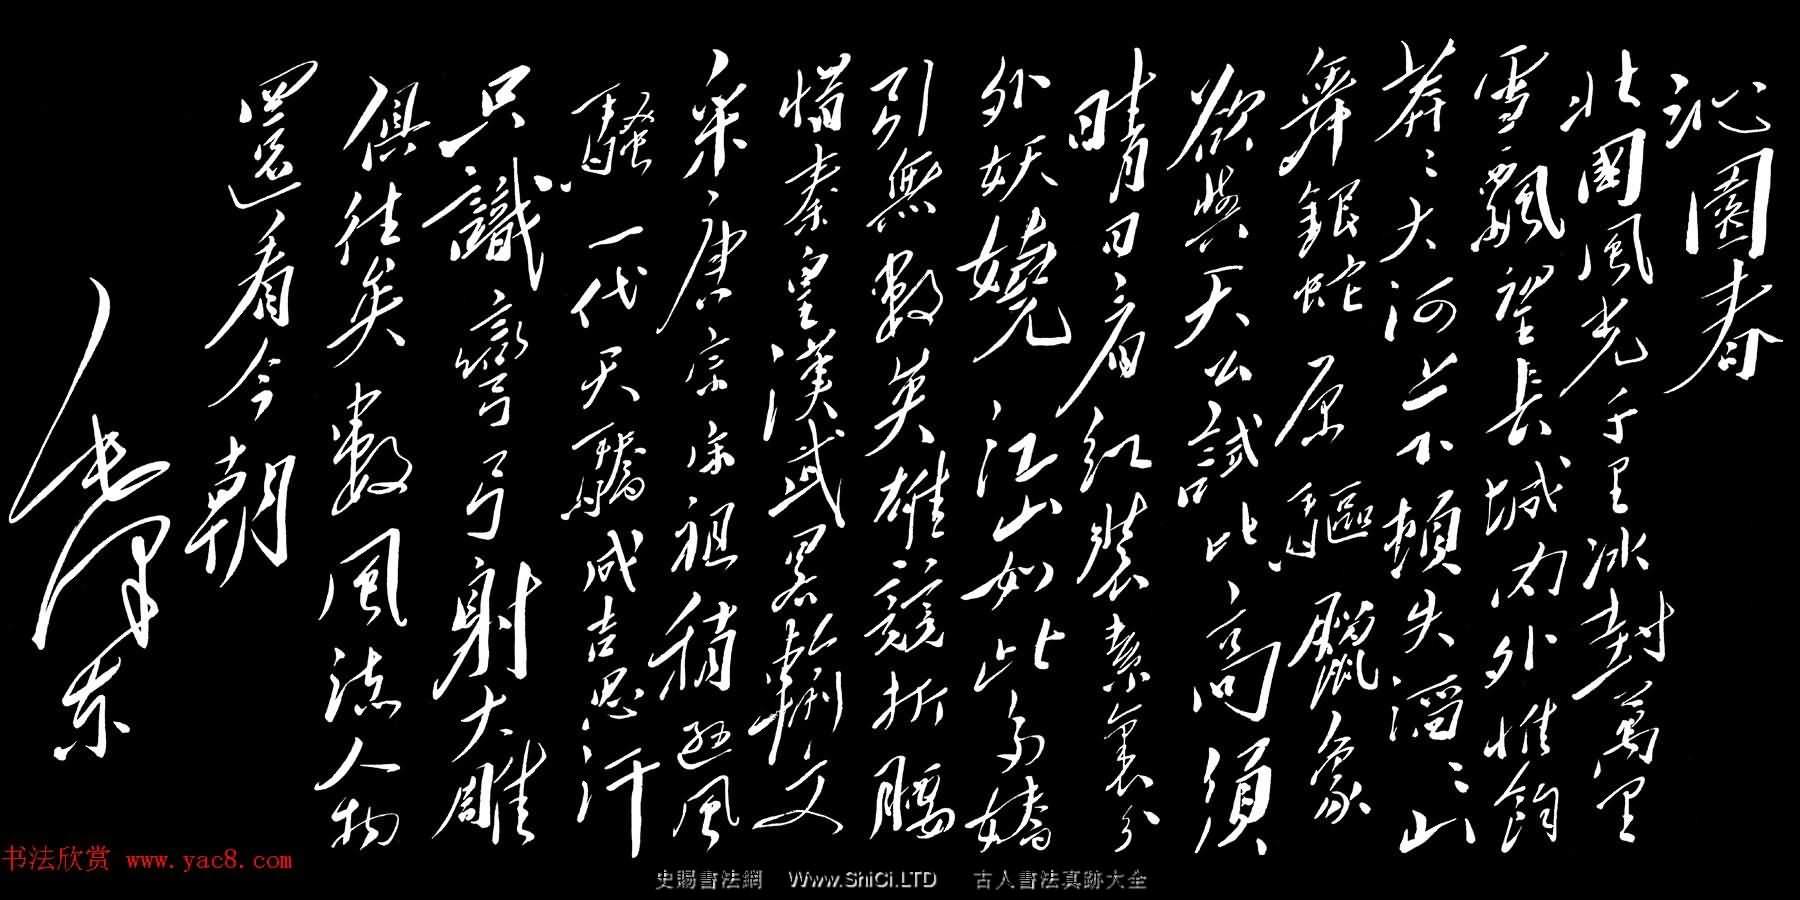 毛澤東行草書法作品《沁園春·雪》